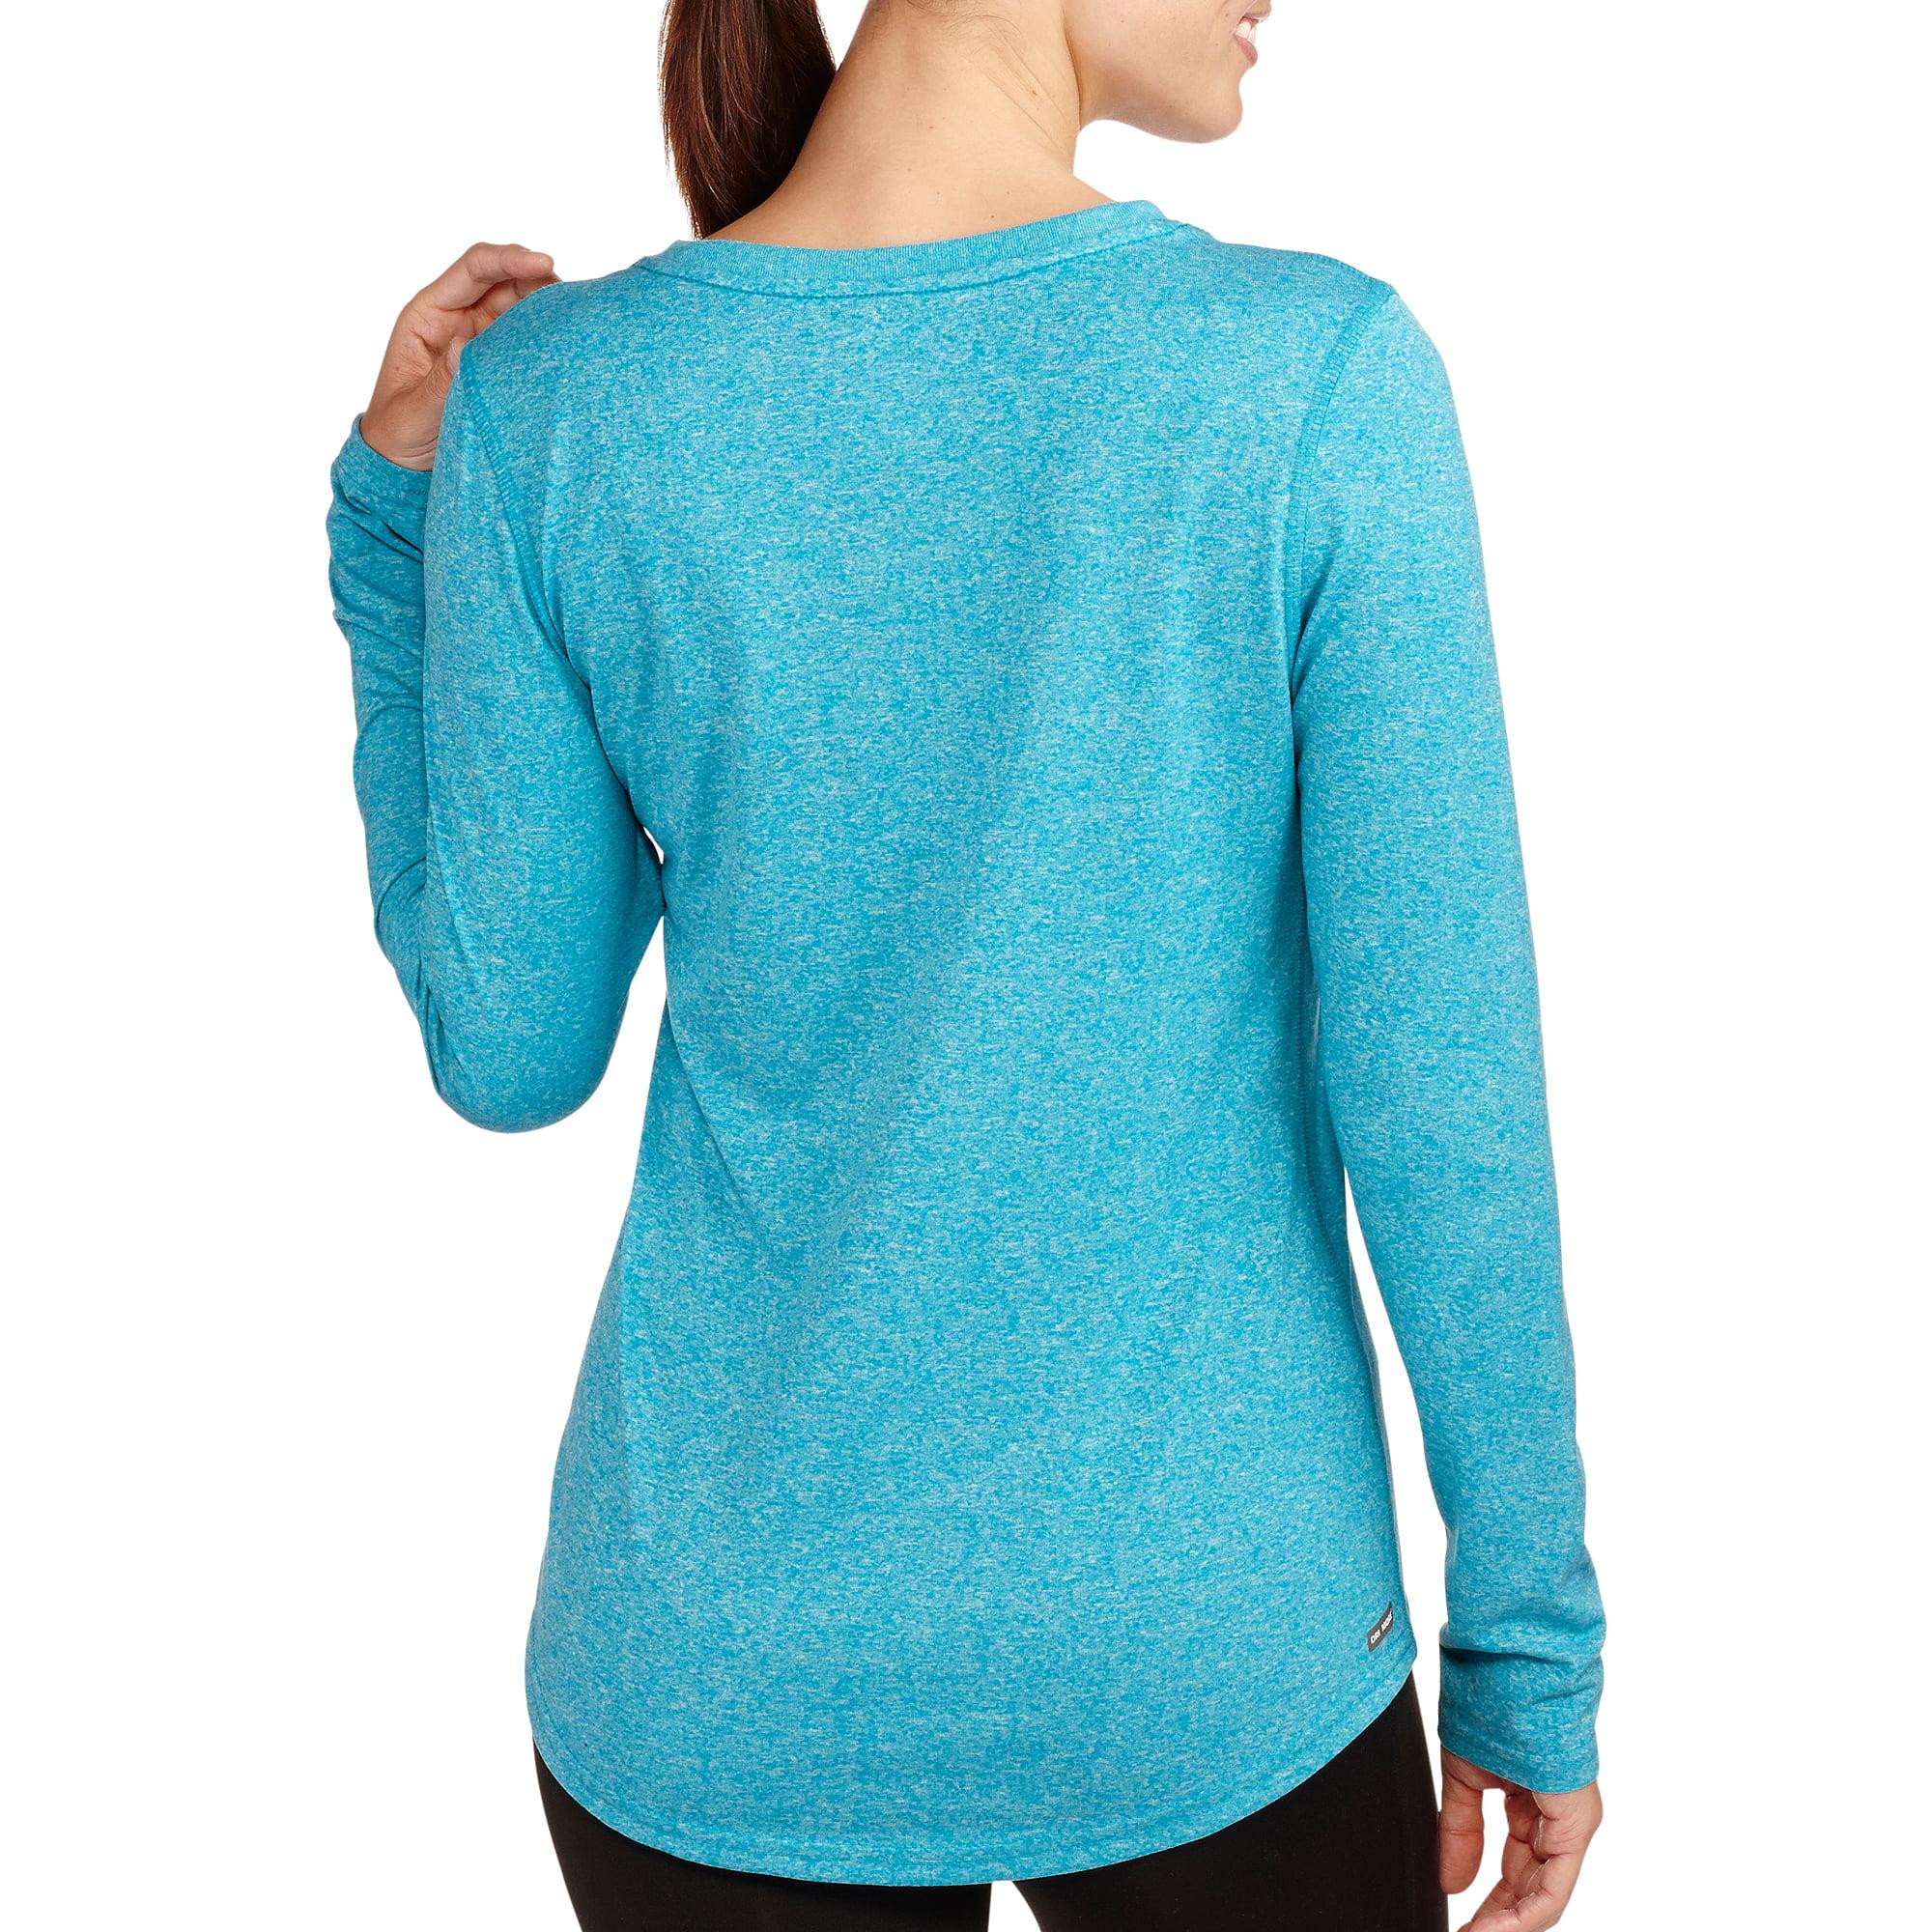 Danskin Now Women's Long Sleeve Vneck T-Shirt